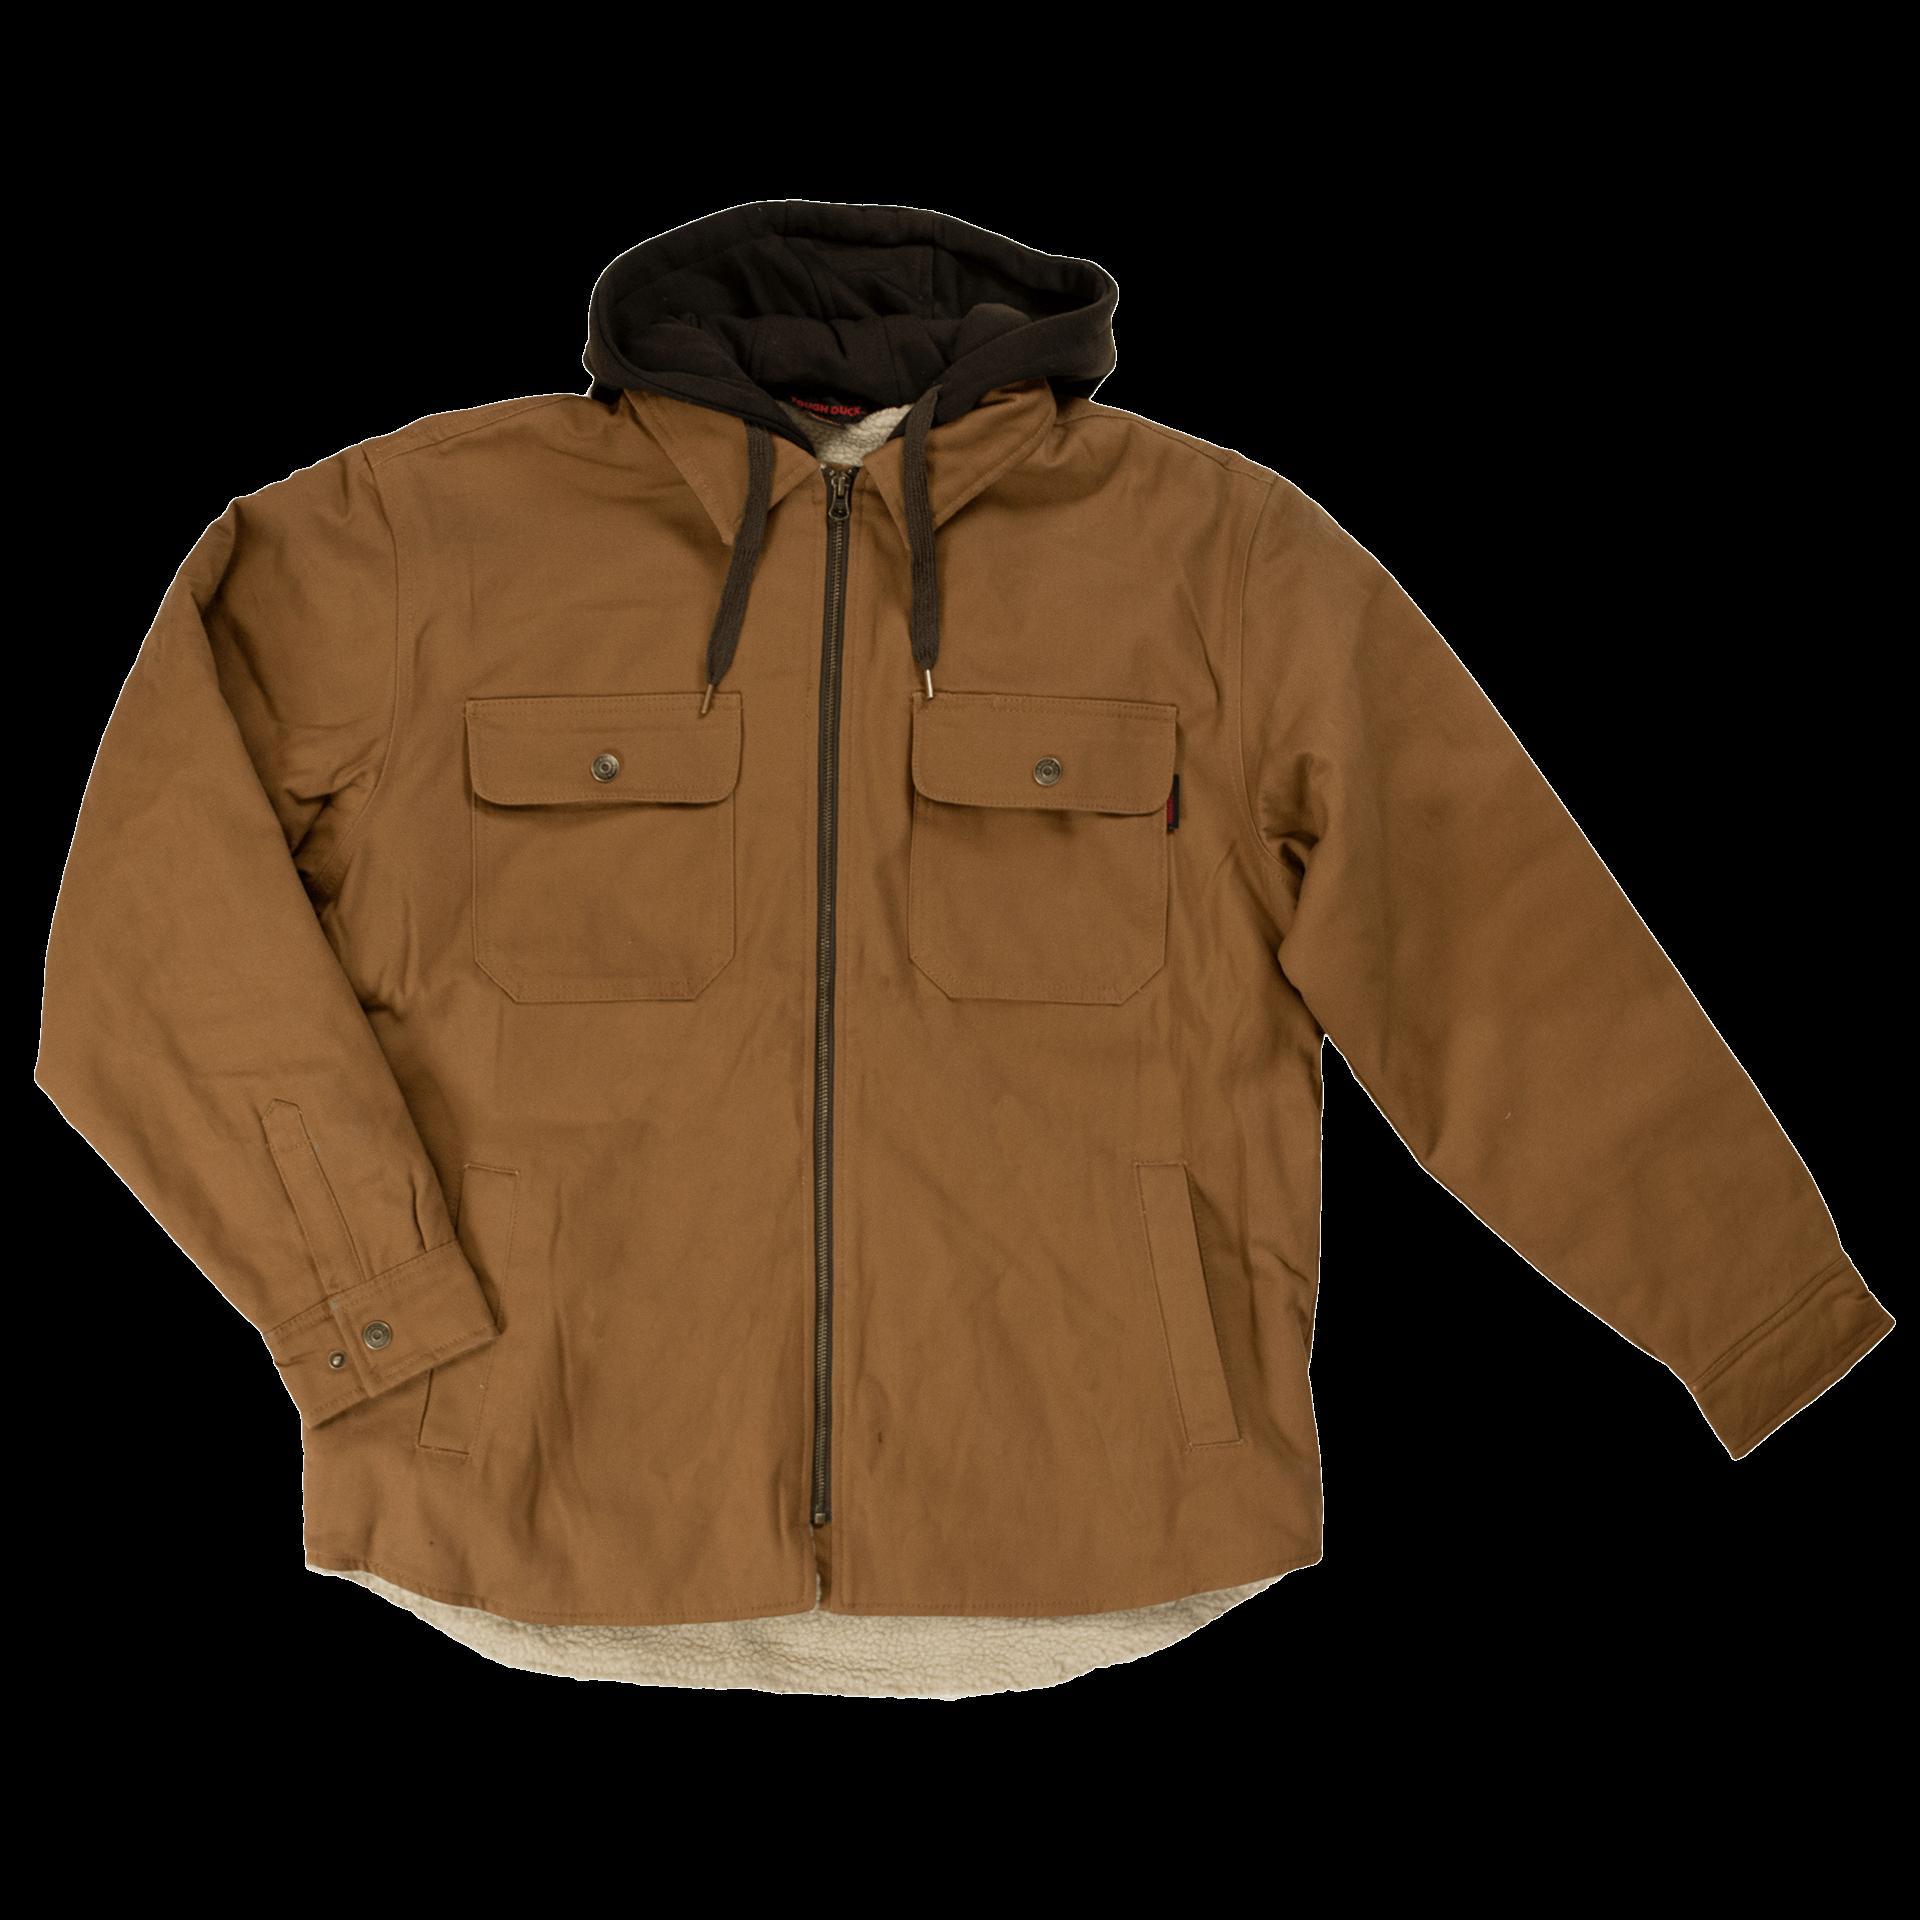 Tough Duck Sherpa Lined Duck Jac-Shirt WS03